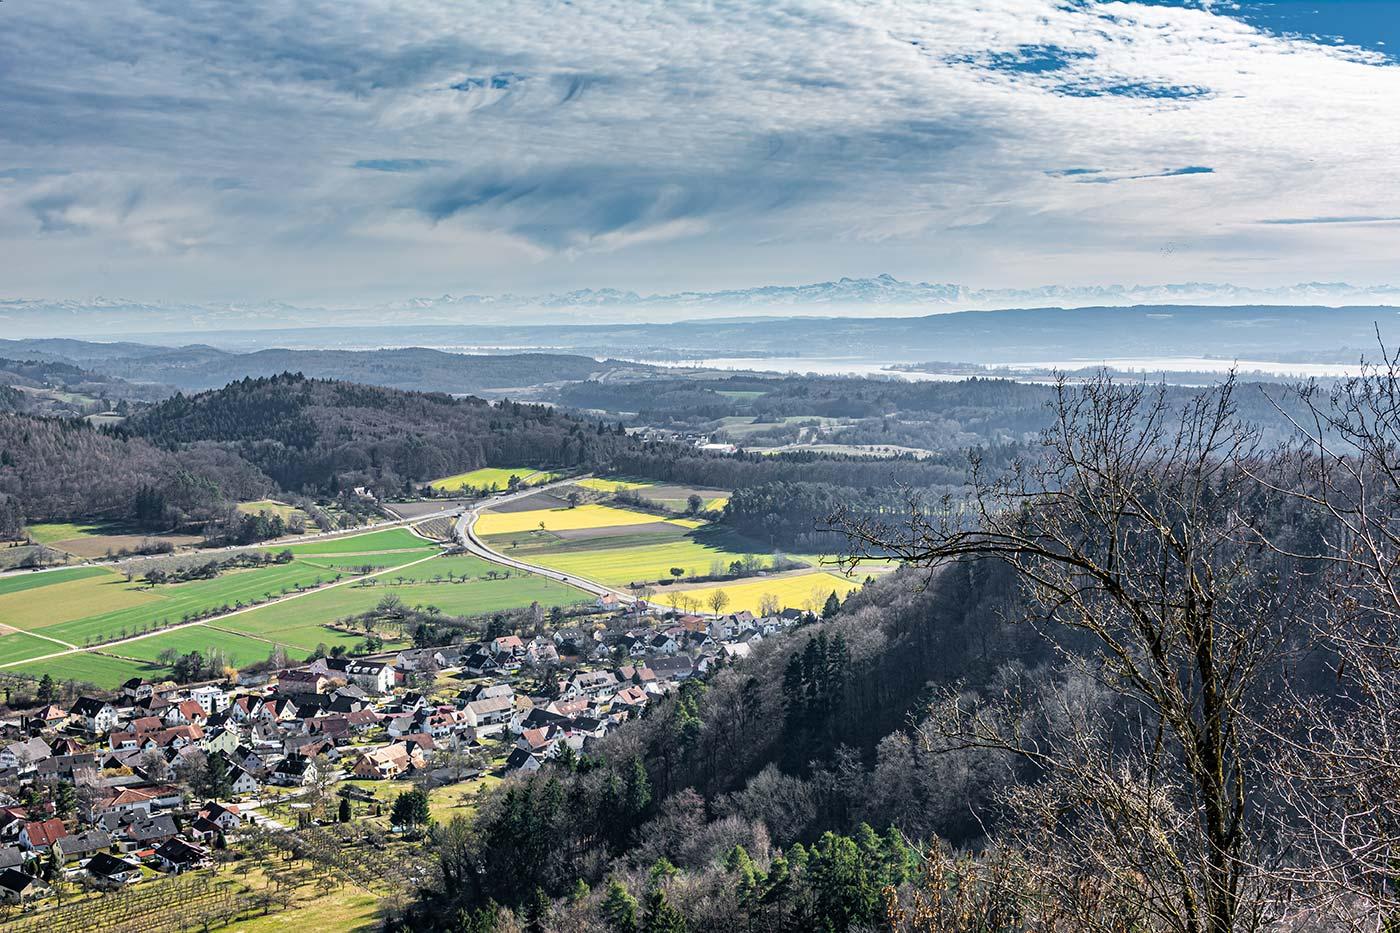 Aussicht vom Aussichtspunkt auf der Burg Homburg